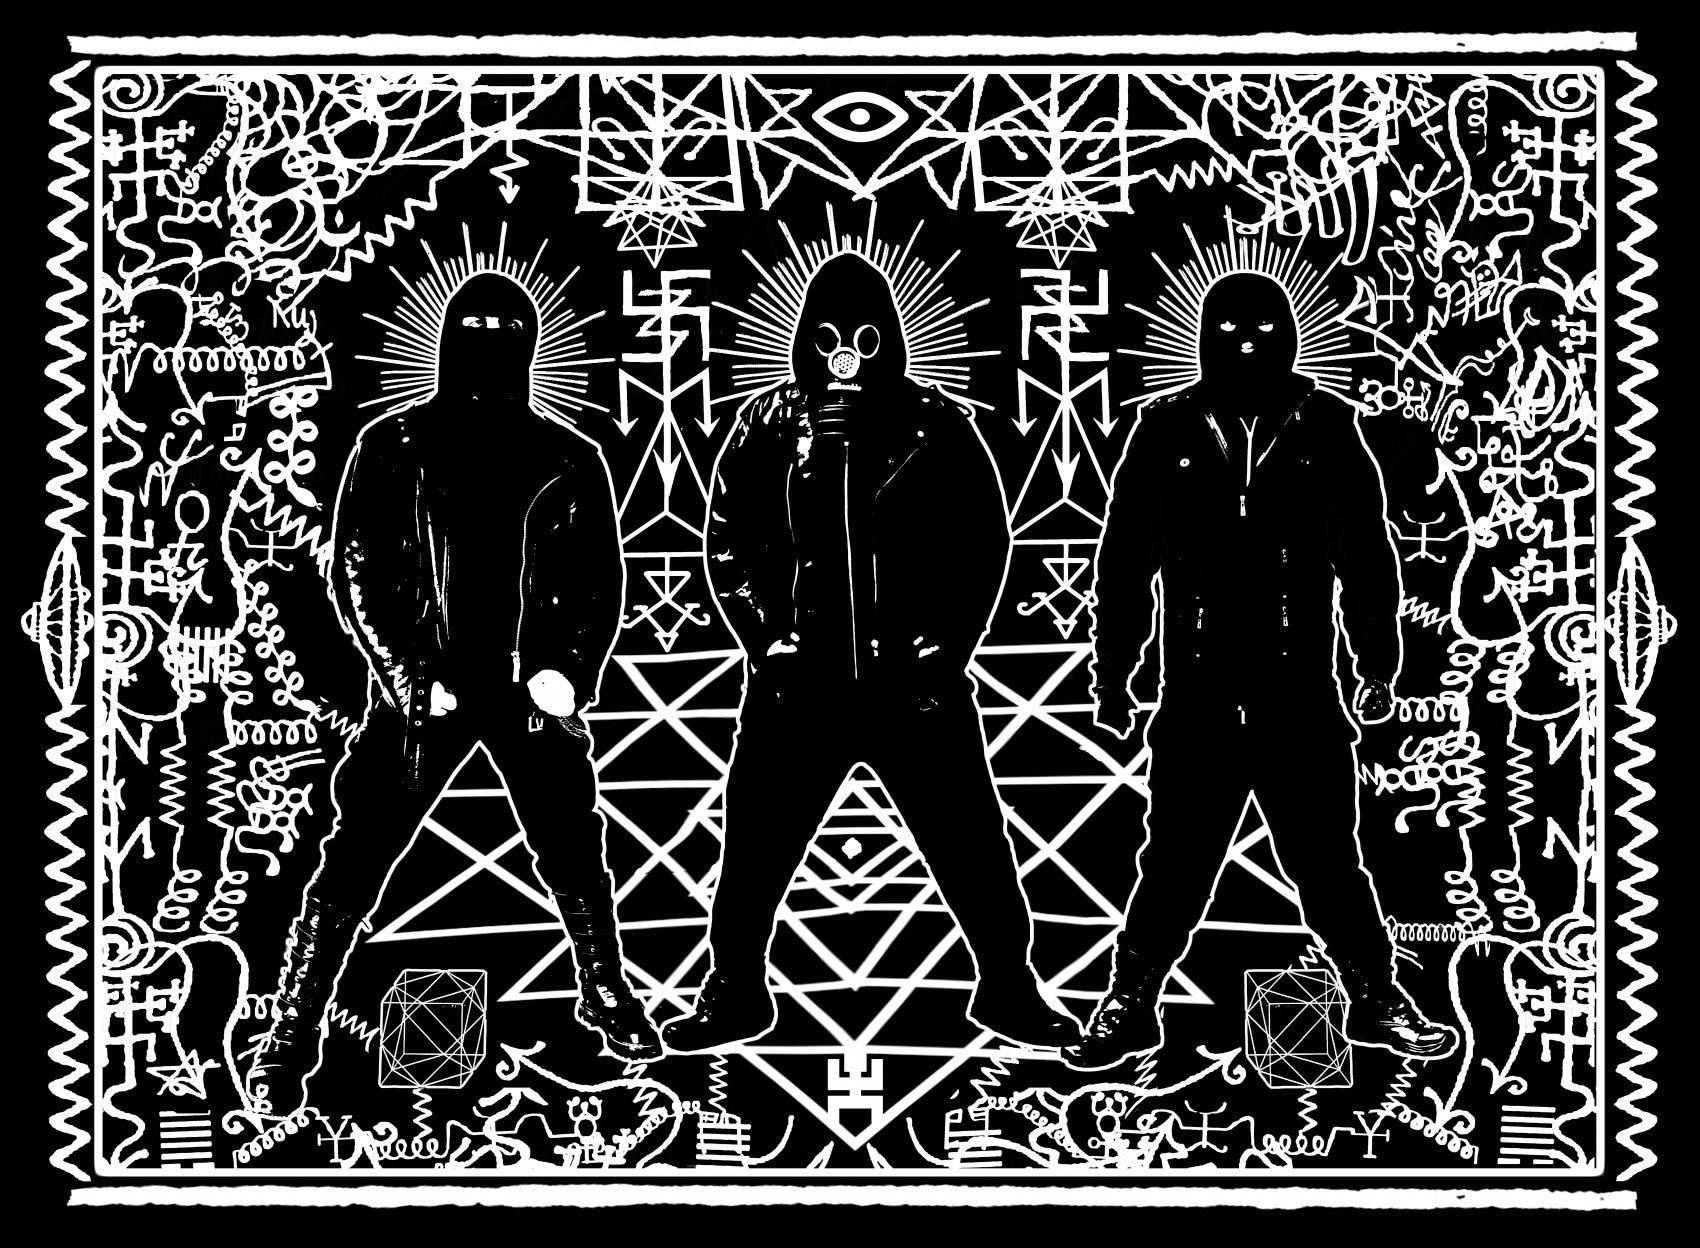 TETRAGRAMMACIDE – Turbe mentali e occultismo tecnologico